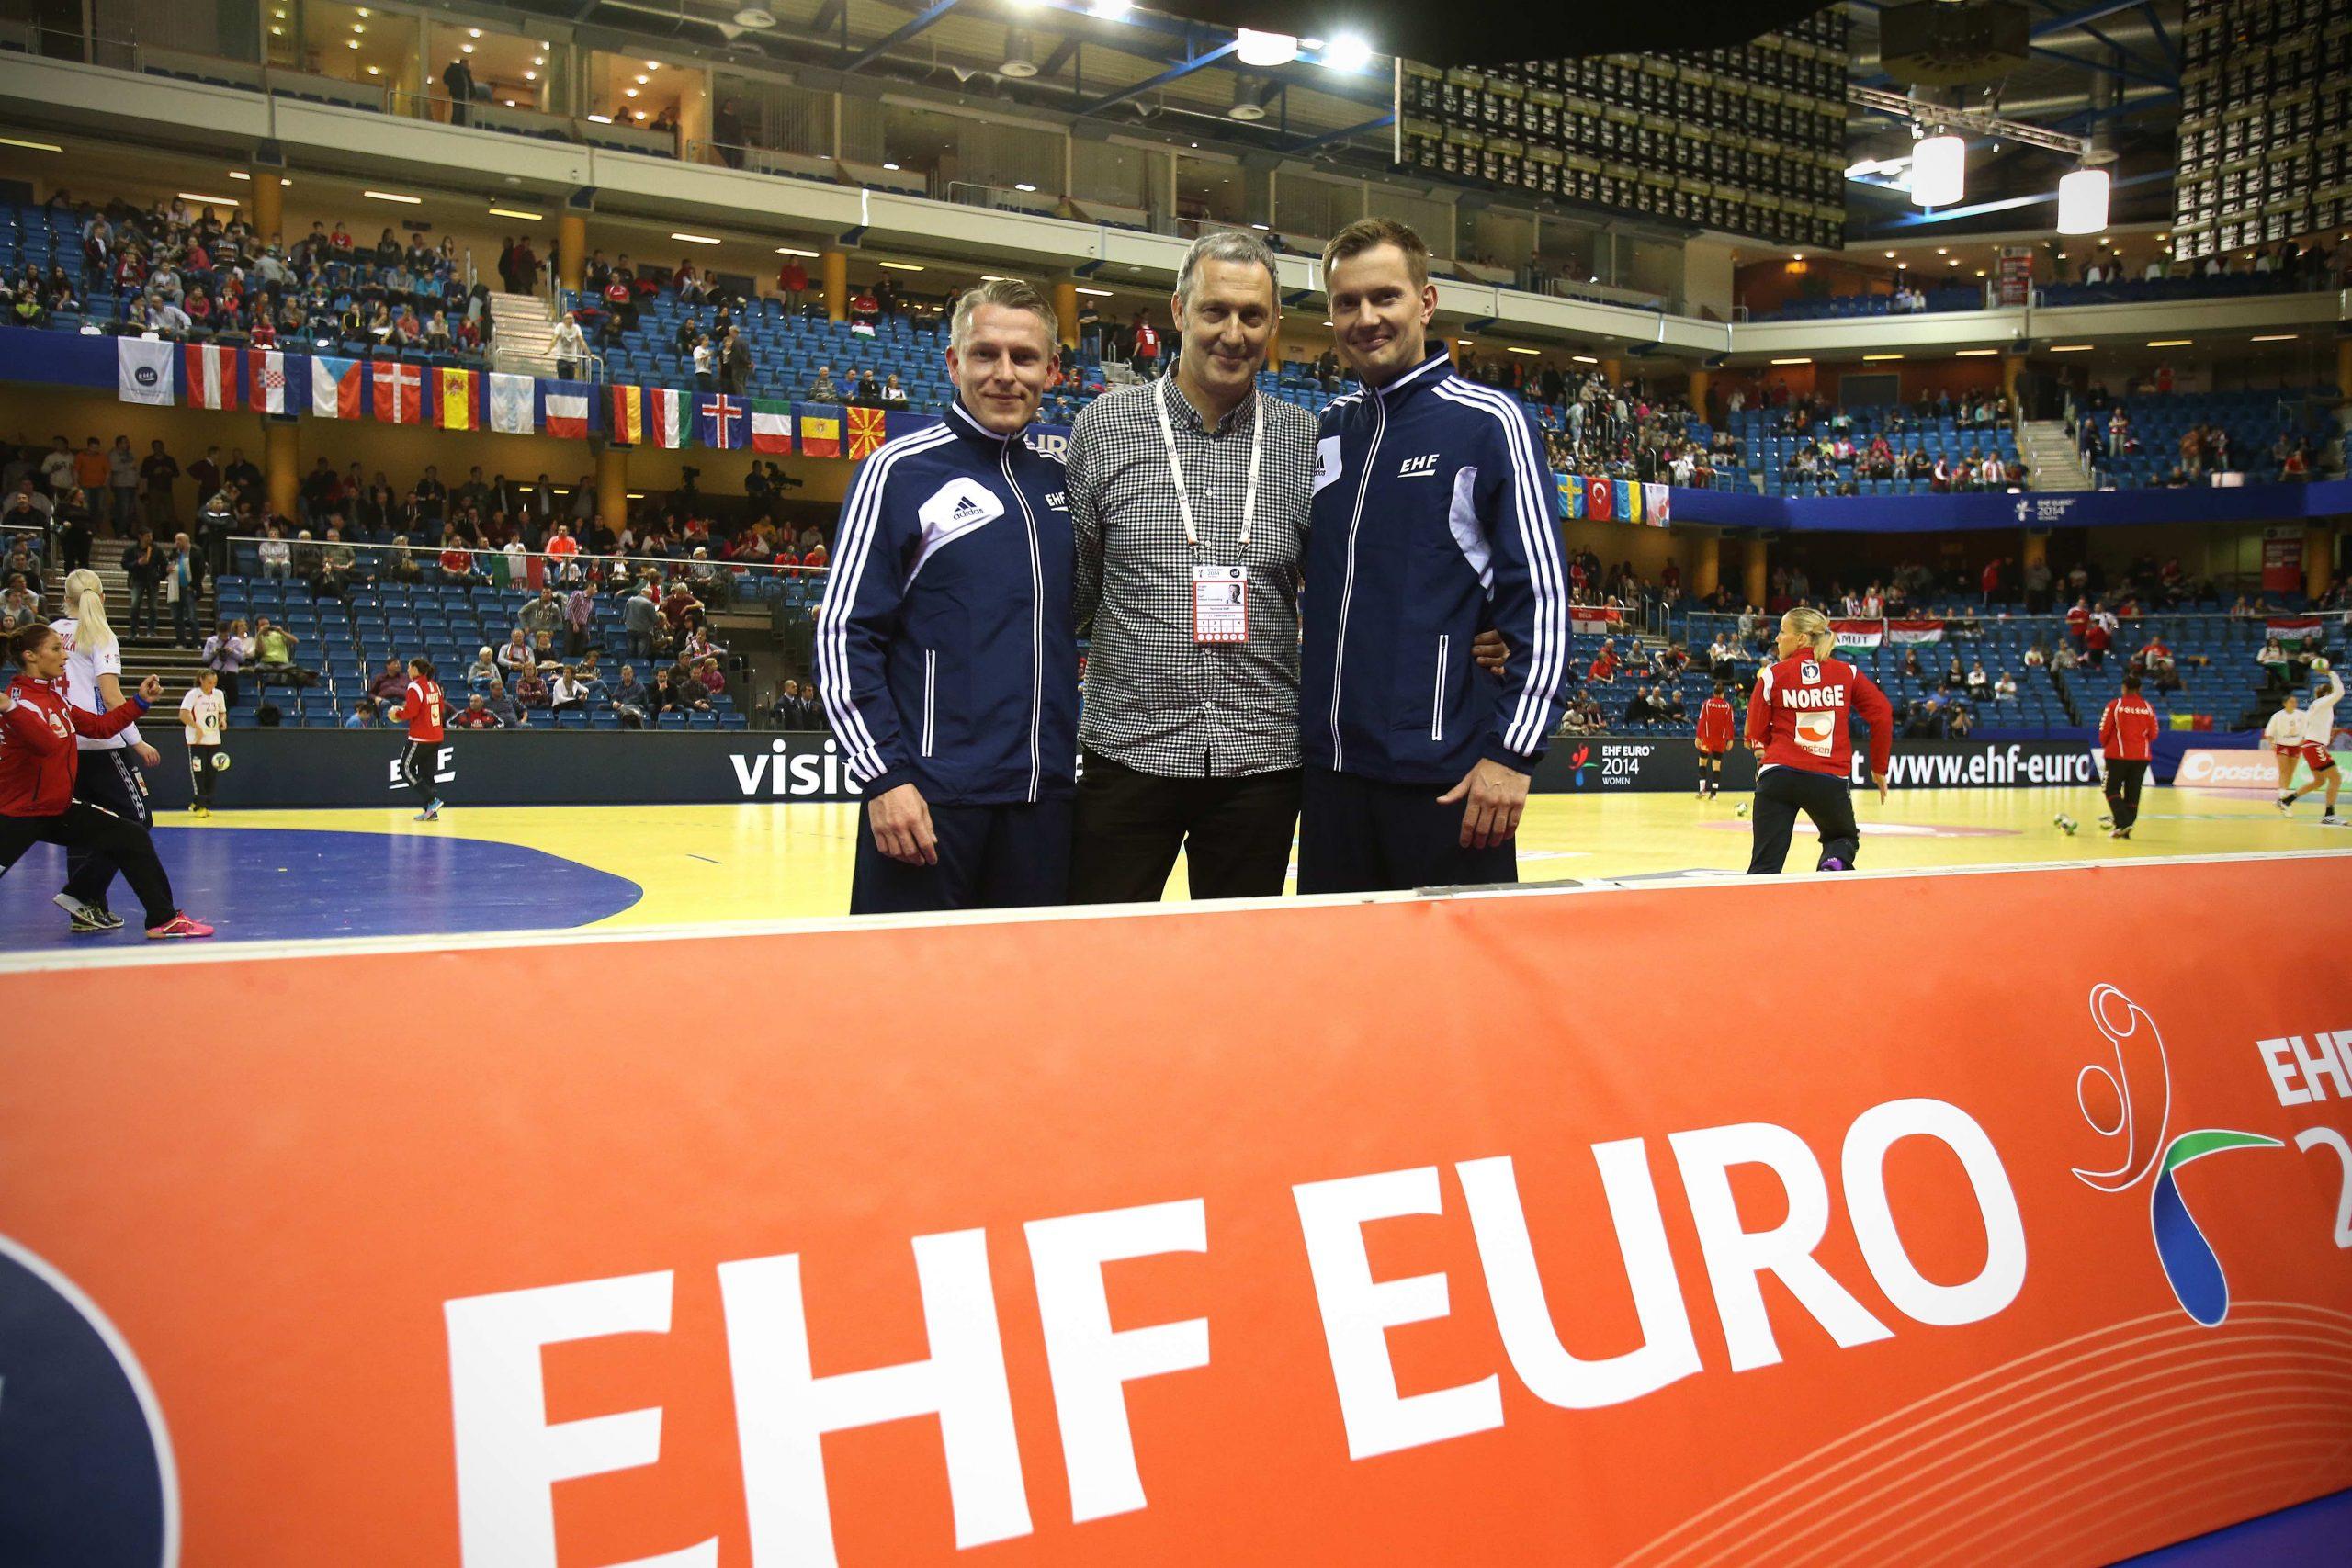 Robert Schulze , Tobias Tönnies und ihr Coach Jürgen Boss